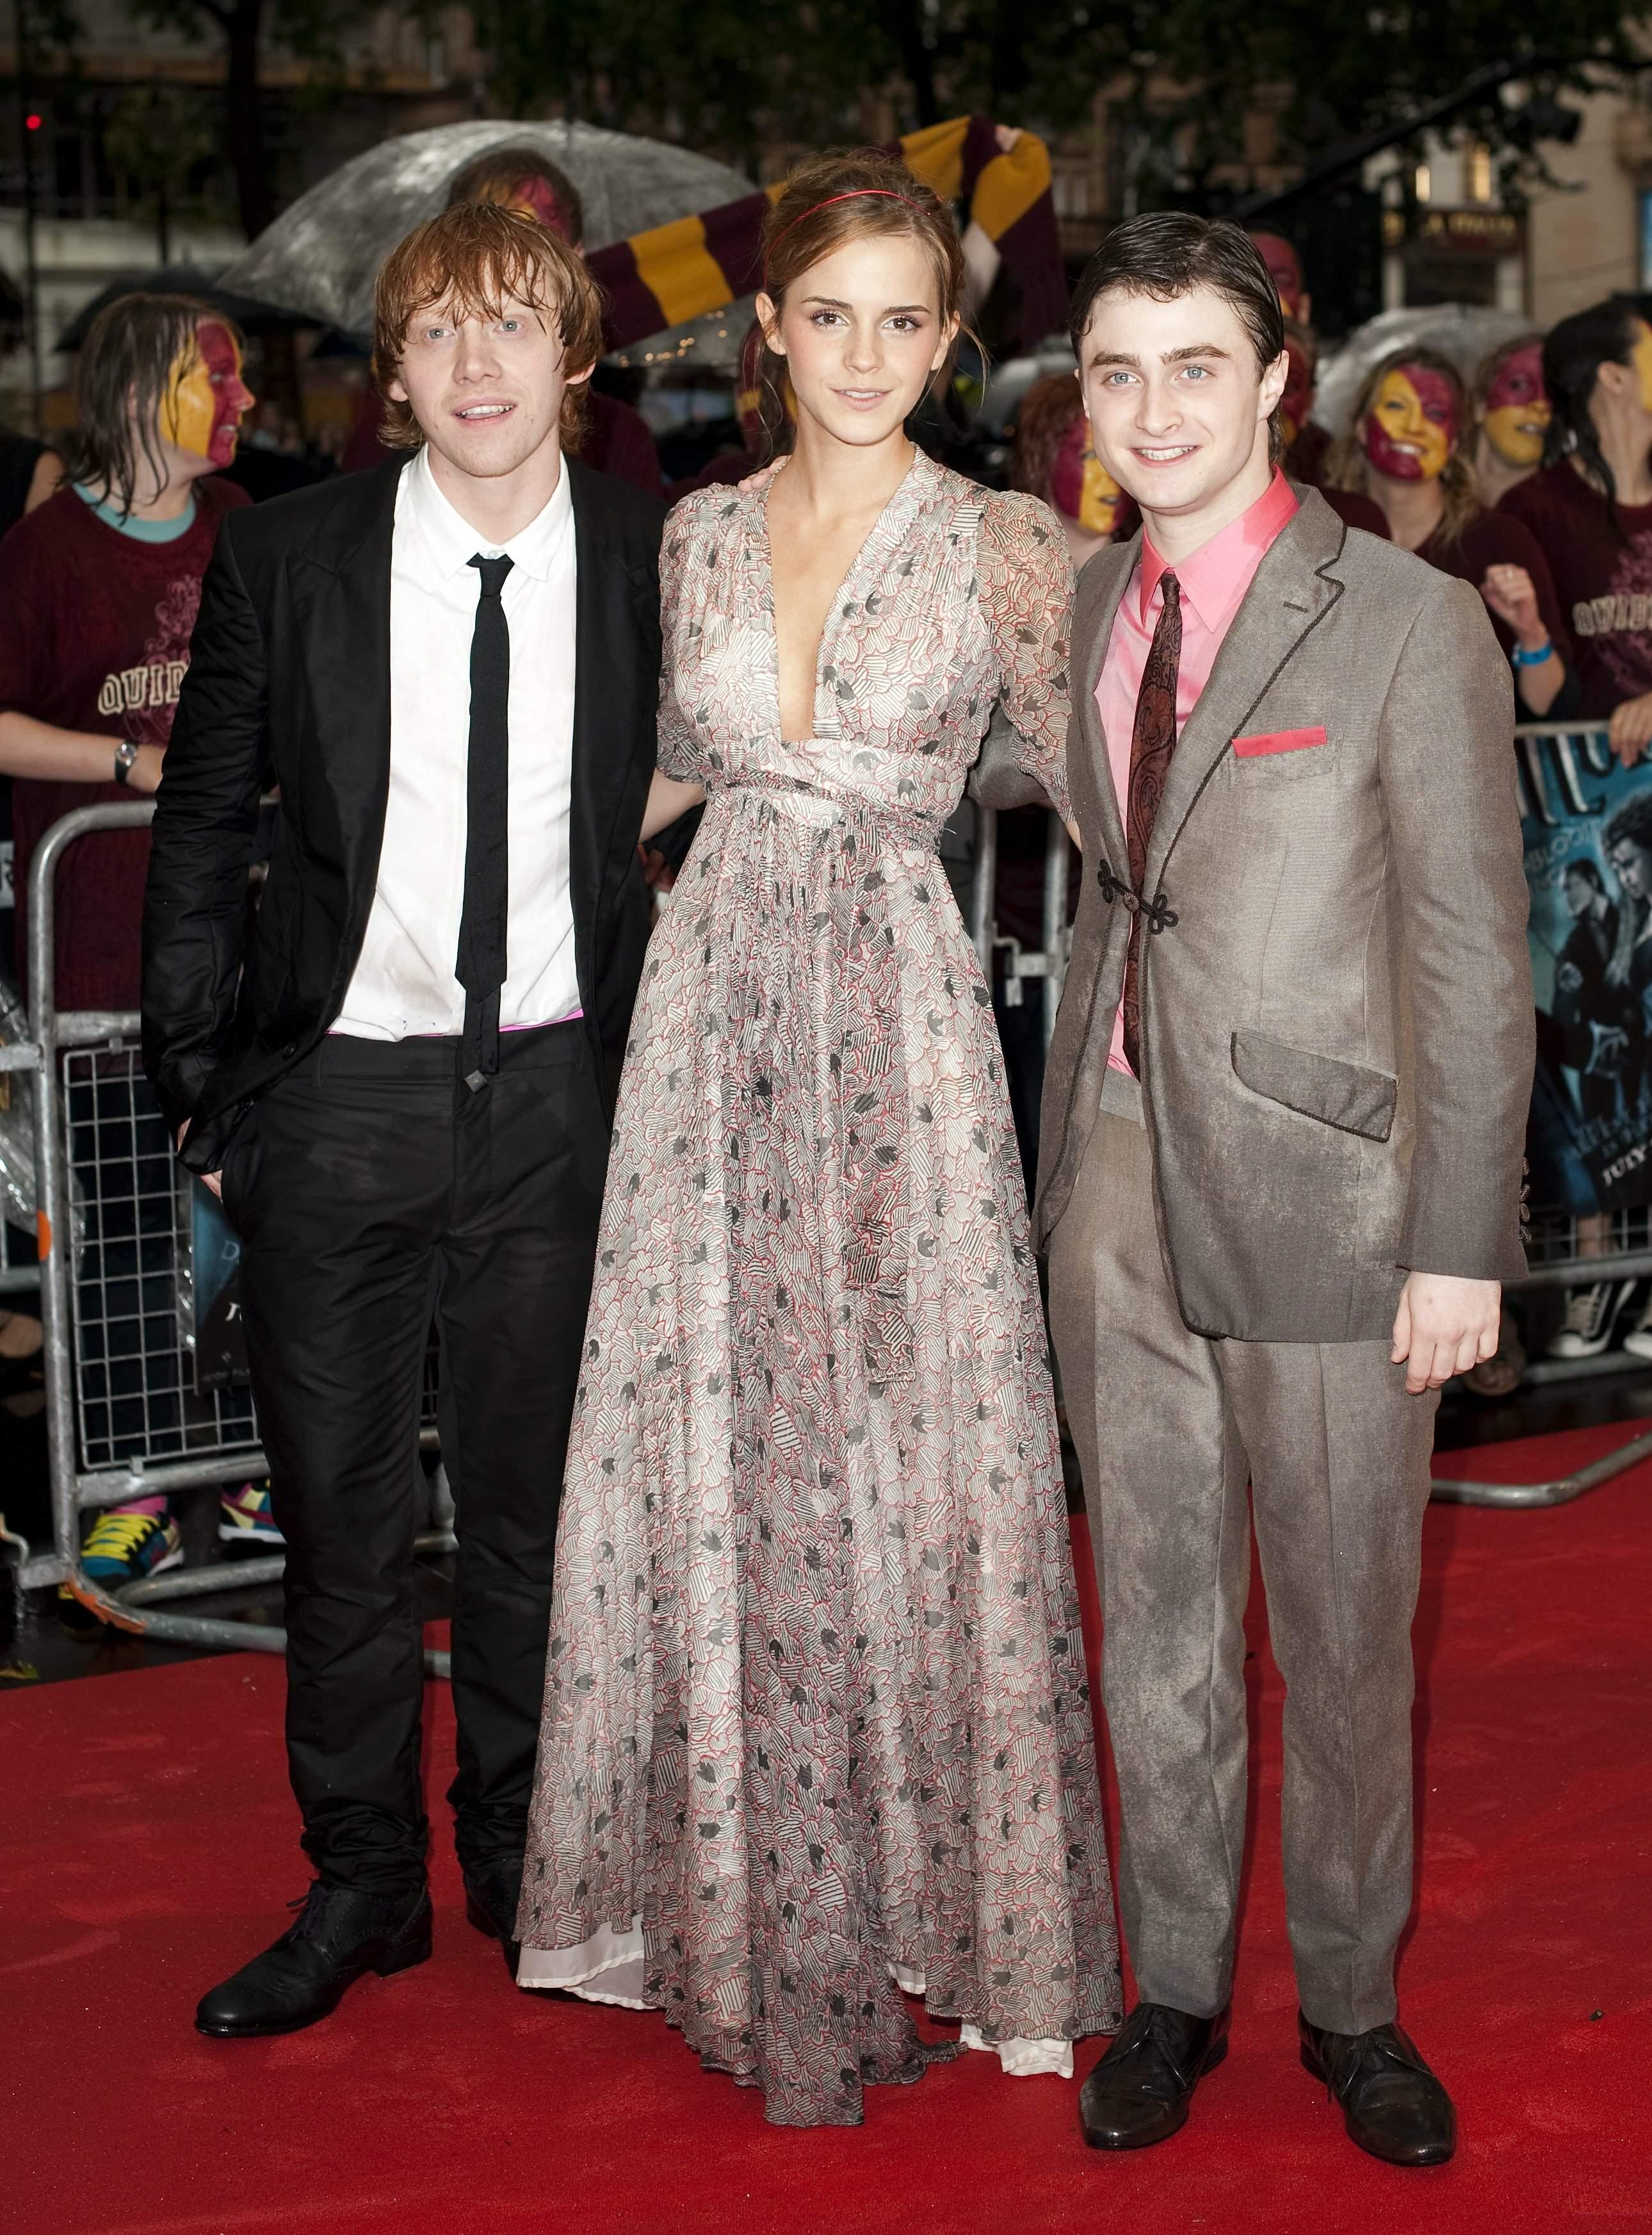 51437_Emma_Watson_HPaTHBP_premiere_in_London04069_122_184lo.jpg